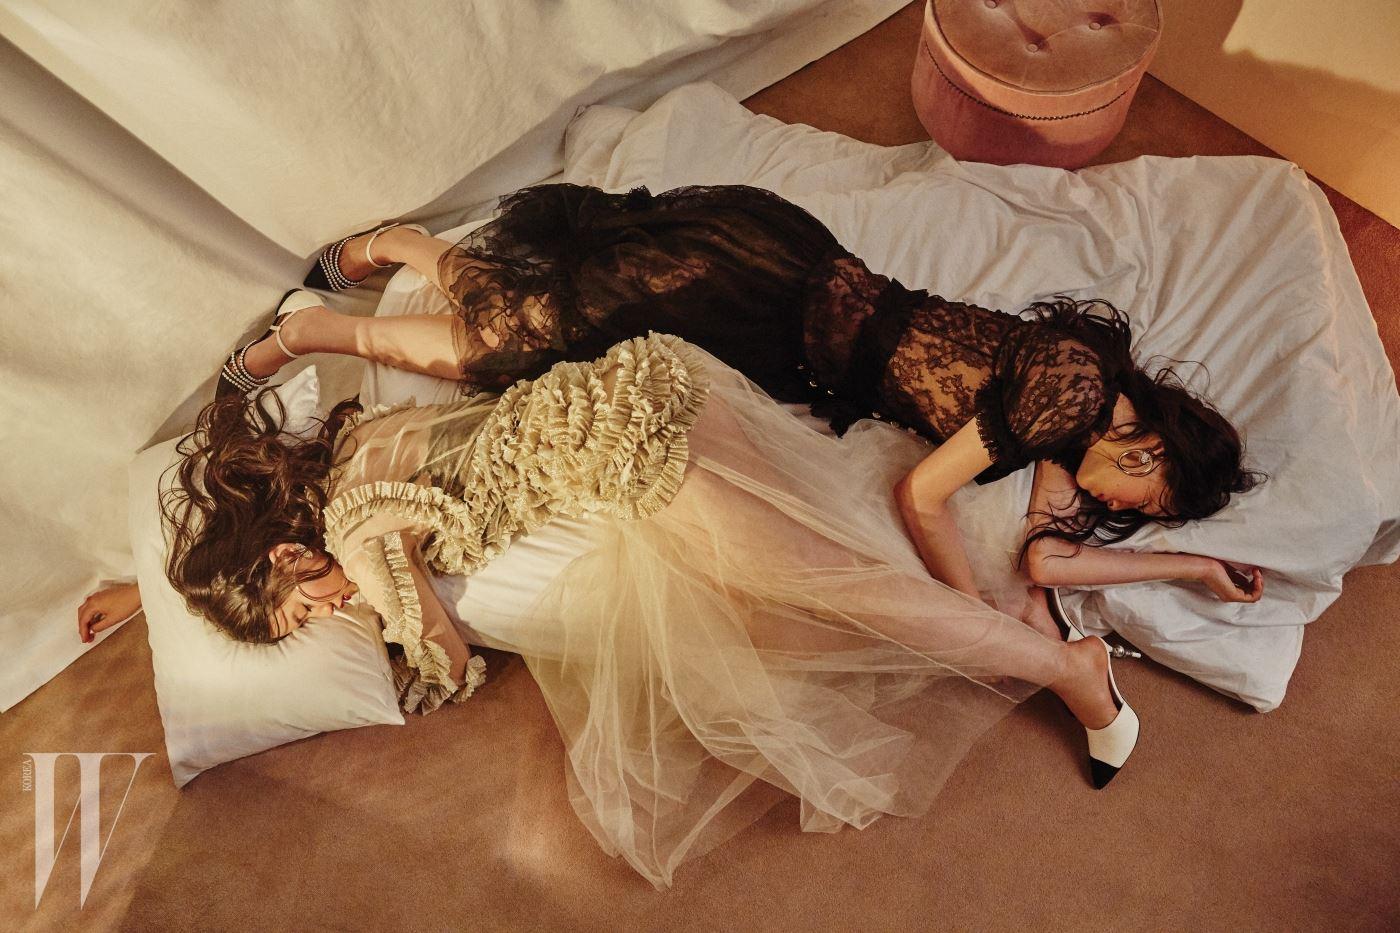 위부터 | 검은색 레이스 드레스와 크리스털이 장식된 링 귀고리, 진주 장식 플랫 슈즈는 모두 Chanel, 프릴이 로맨틱한 펄 장식 튤 드레스는 YCH, 안에 겹쳐 입은 레이스 브라톱은 Zara, 큼지막한 링 귀고리와 굽에 진주를 장식한 뮬은 Chanel 제품.